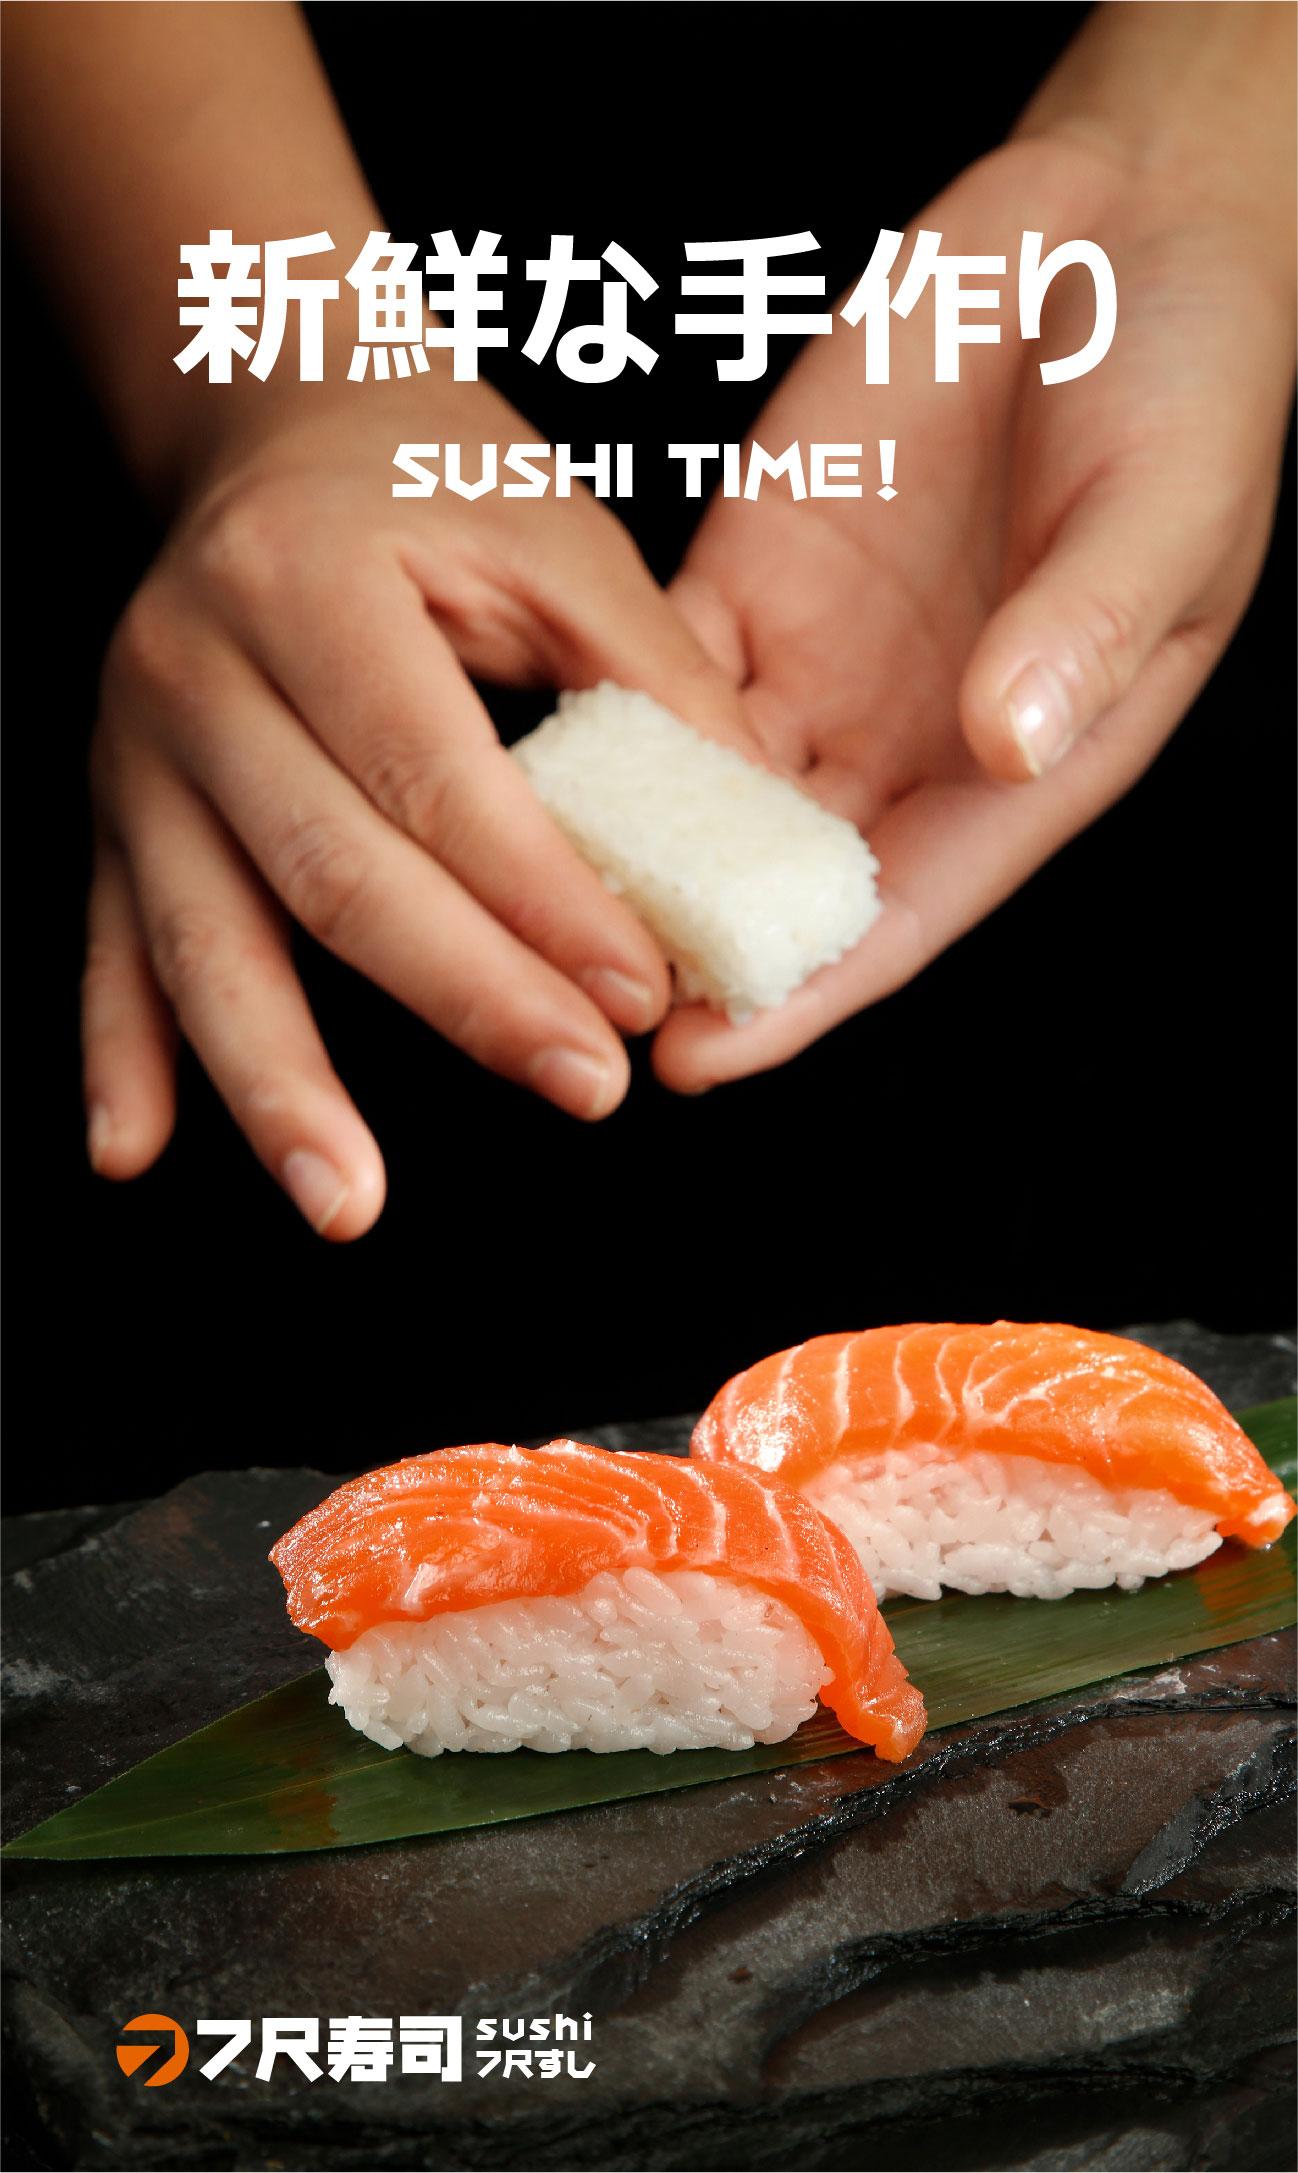 品牌升级广告语_7尺寿司 —— 7尺在手 说走就走 - 逐浪设计-餐饮品牌设计-logo设计 ...